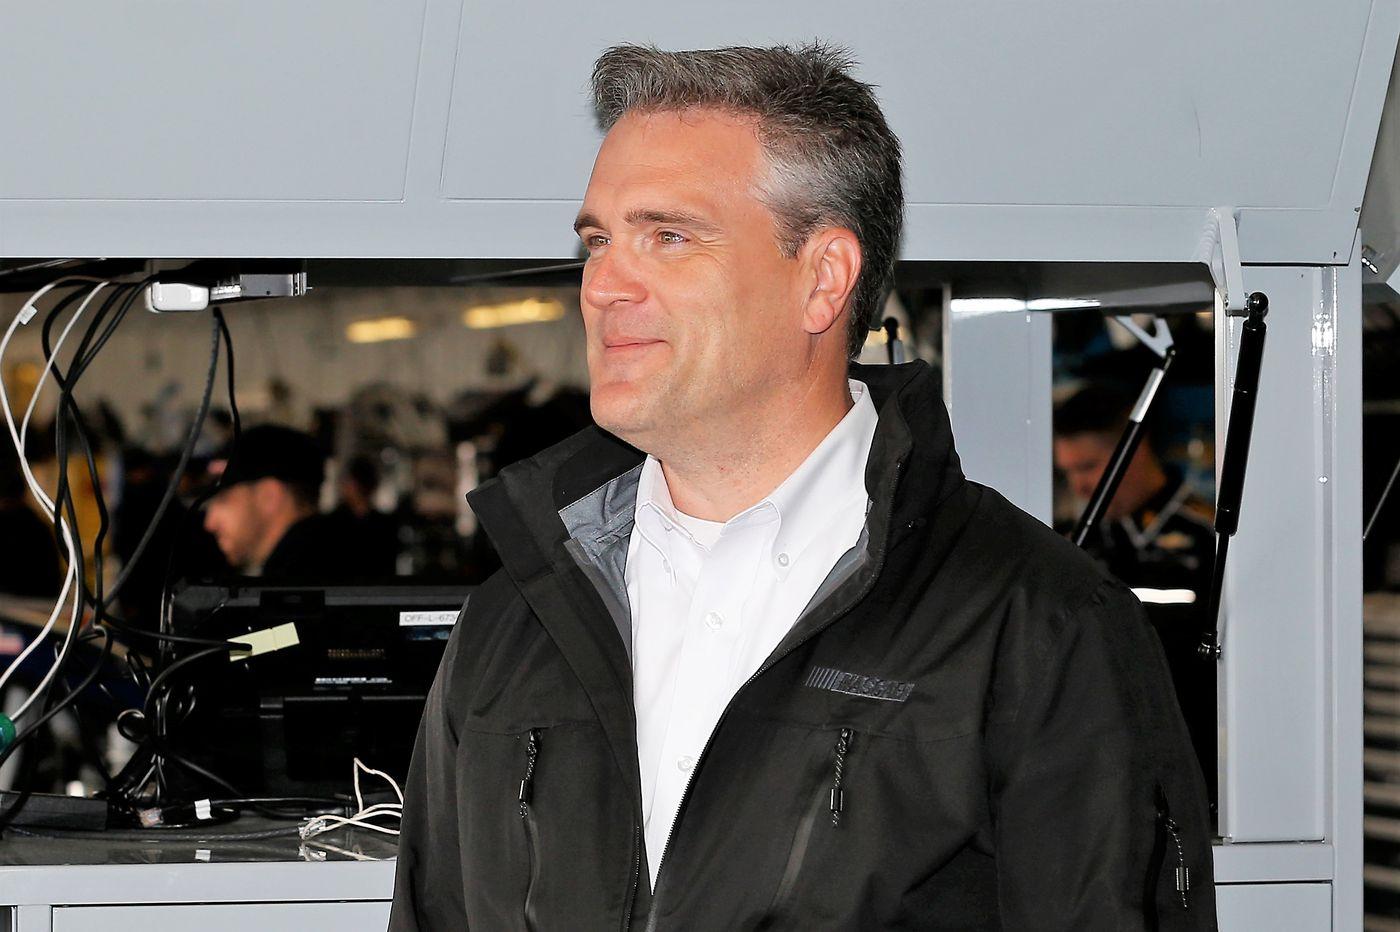 Penn State alum John Probst is guiding NASCAR's innovation program